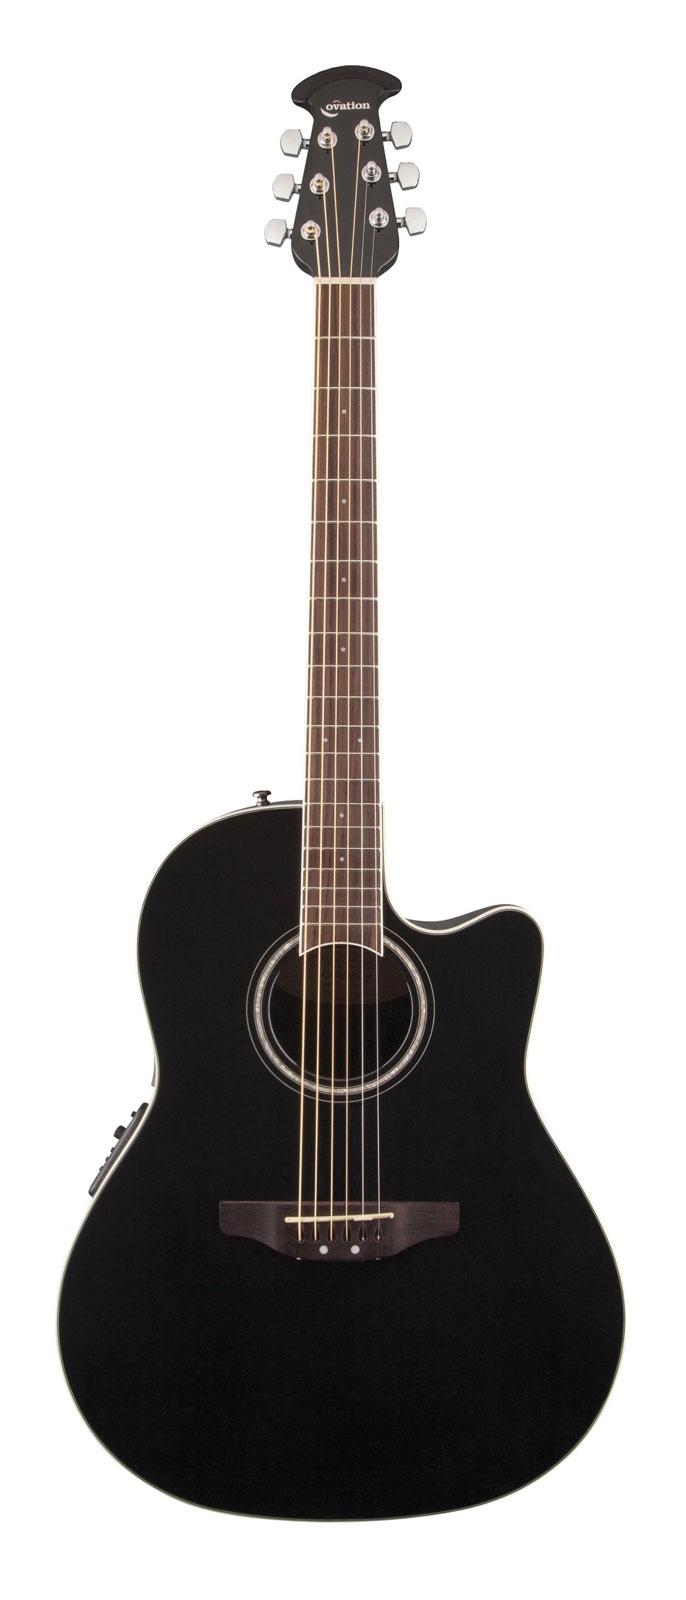 Ovation Celebrity Standard Cs245 Black